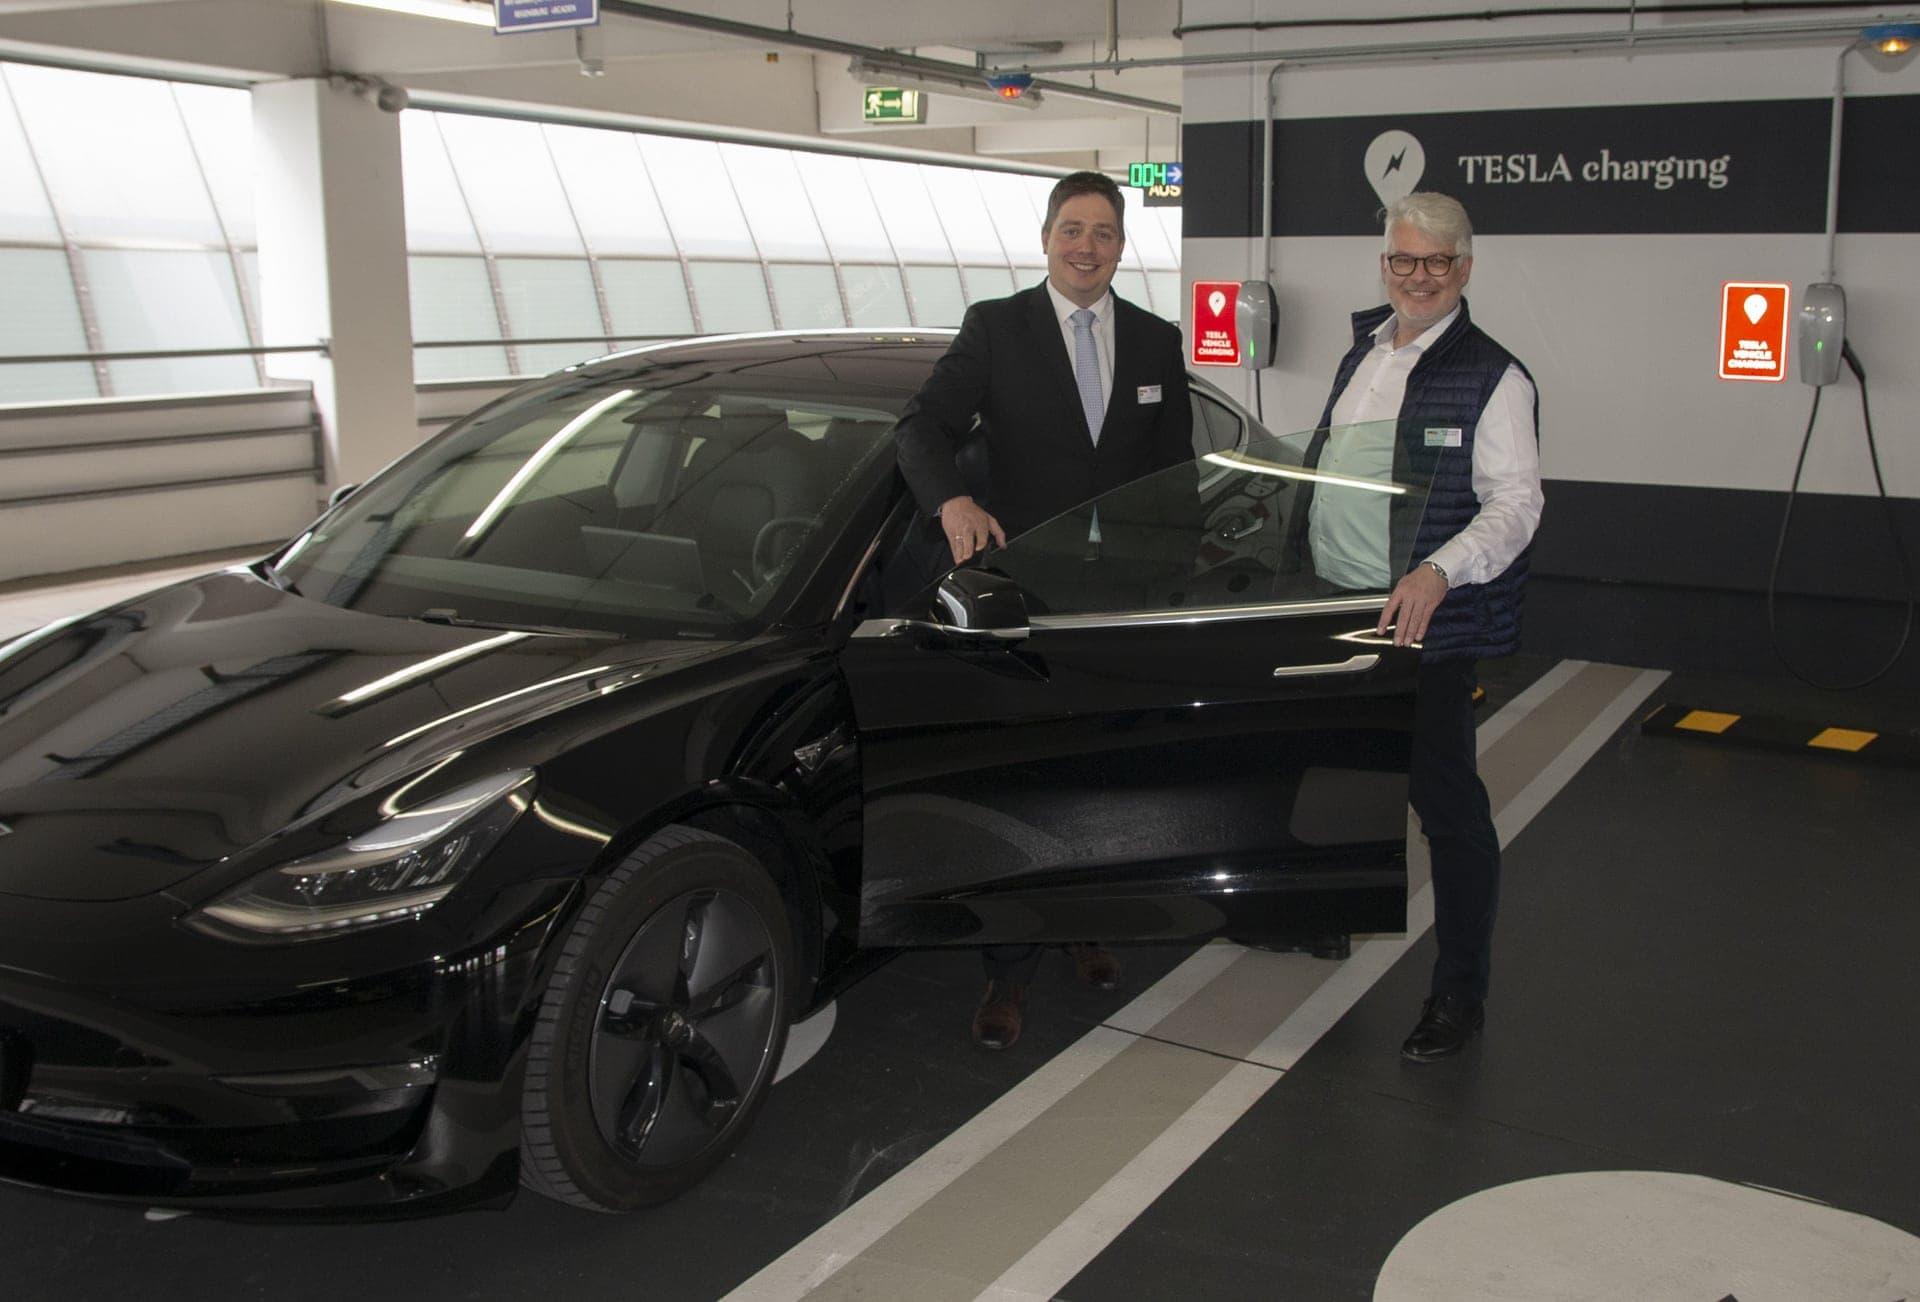 Regensburg Arcaden setzen auf Nachhaltigkeit und kooperieren mit Tesla Jetzt stehen acht Strom-Tankstellen zur Verfügung